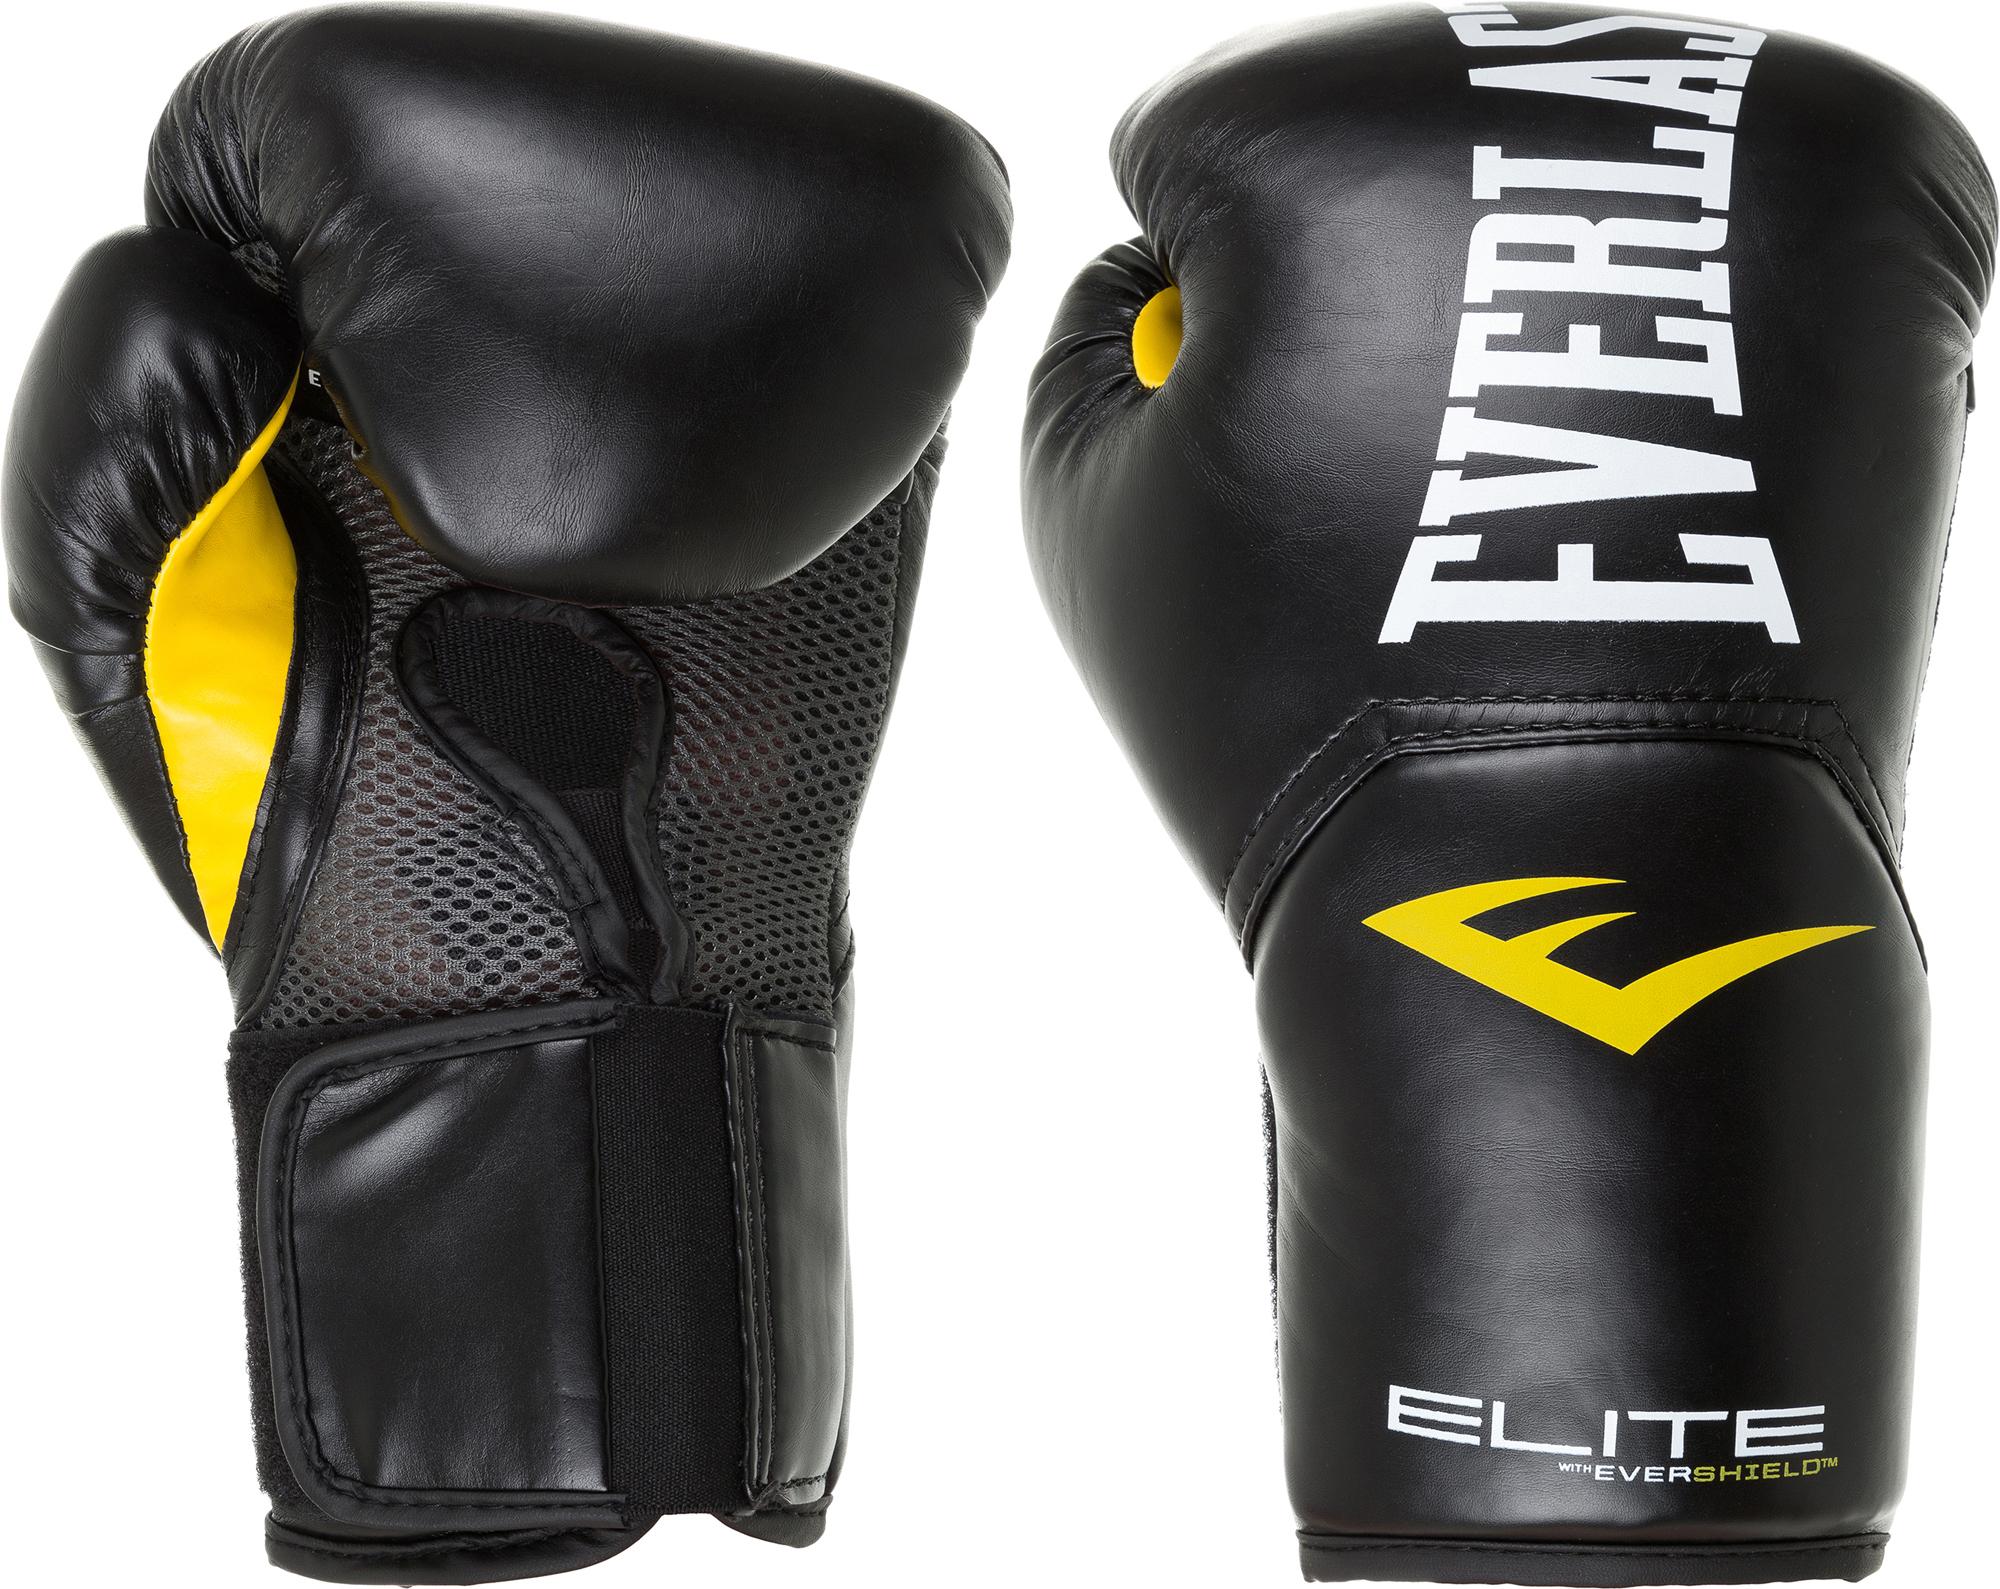 Everlast Перчатки боксерские Everlast, размер 10 oz